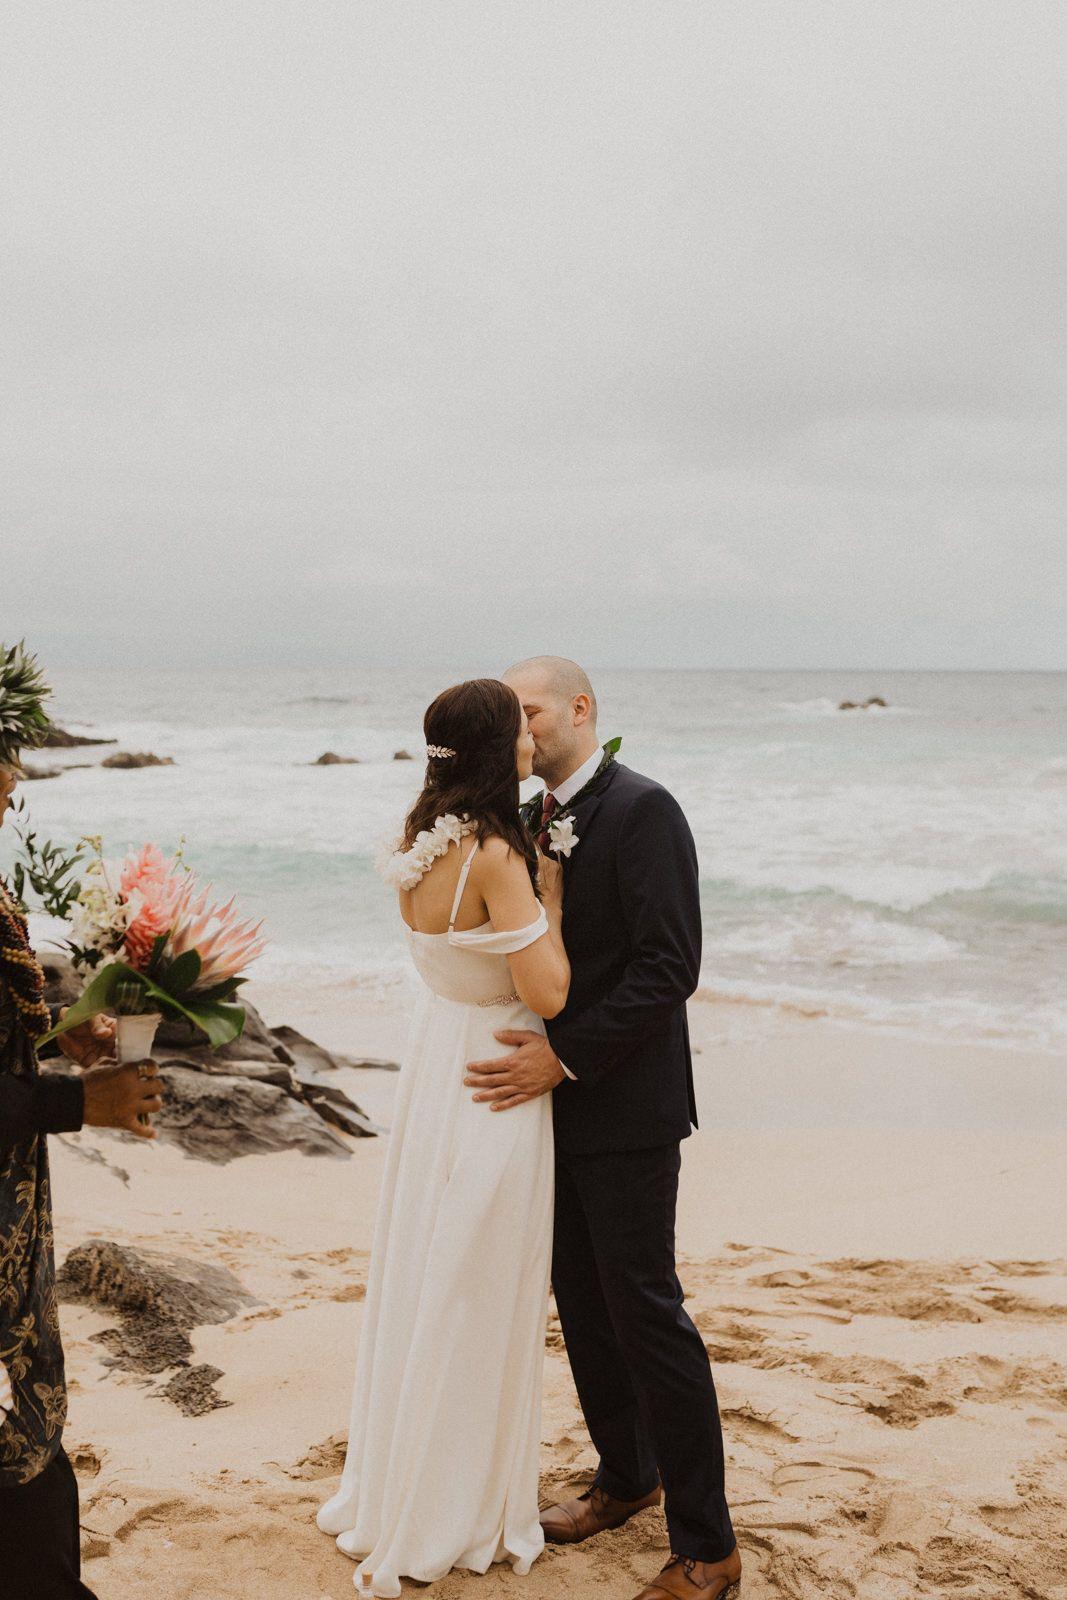 The Forwards Photography Maui Beach Wedding Hawaii Beach Wedding